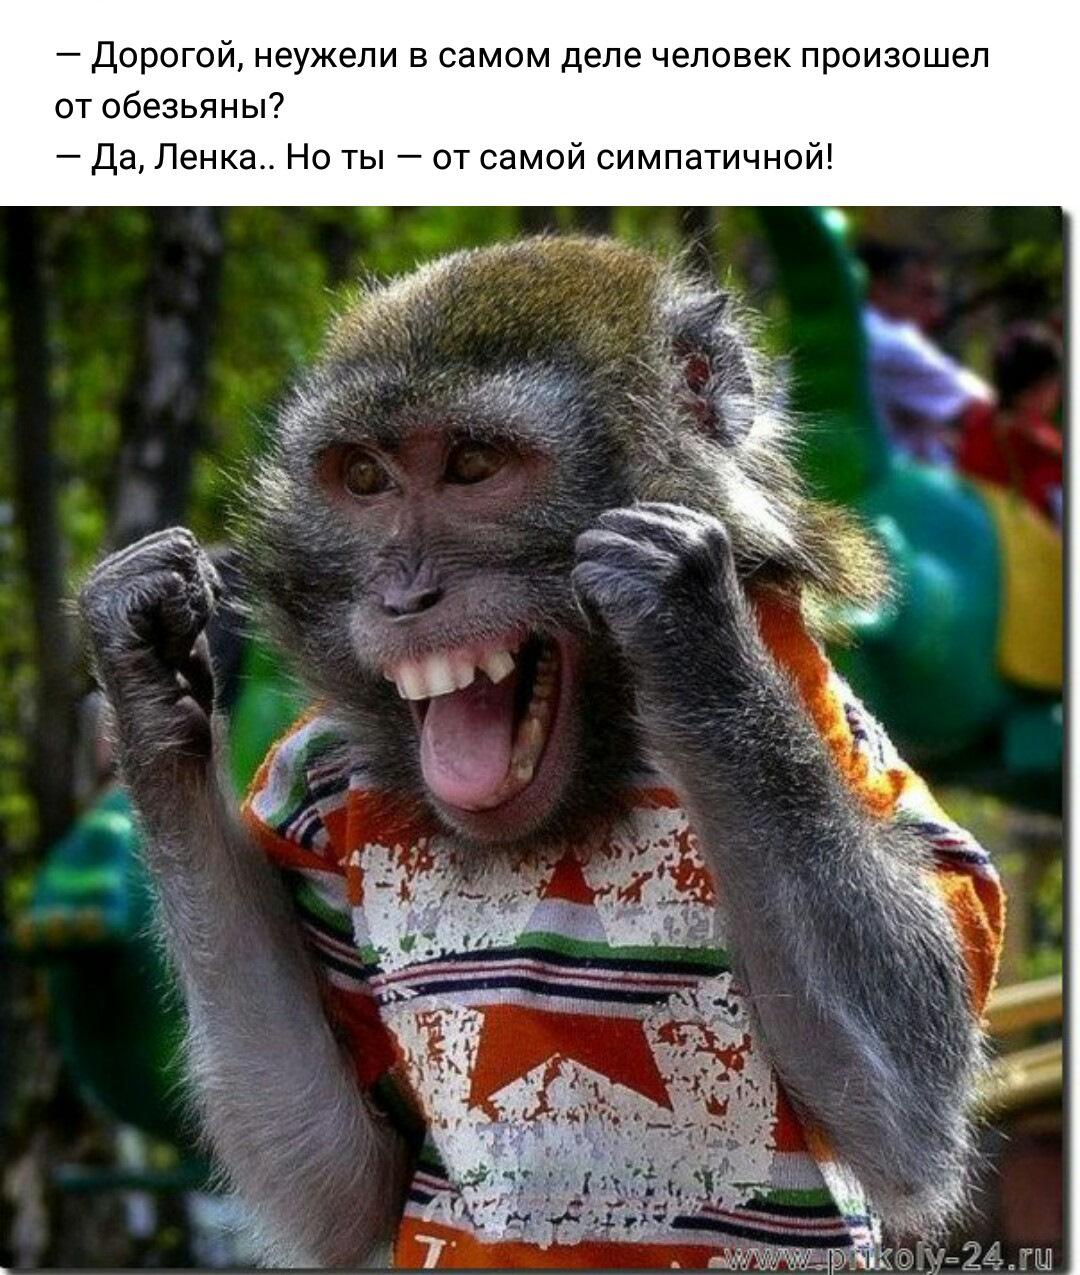 Картинки с обезьянками и надписями